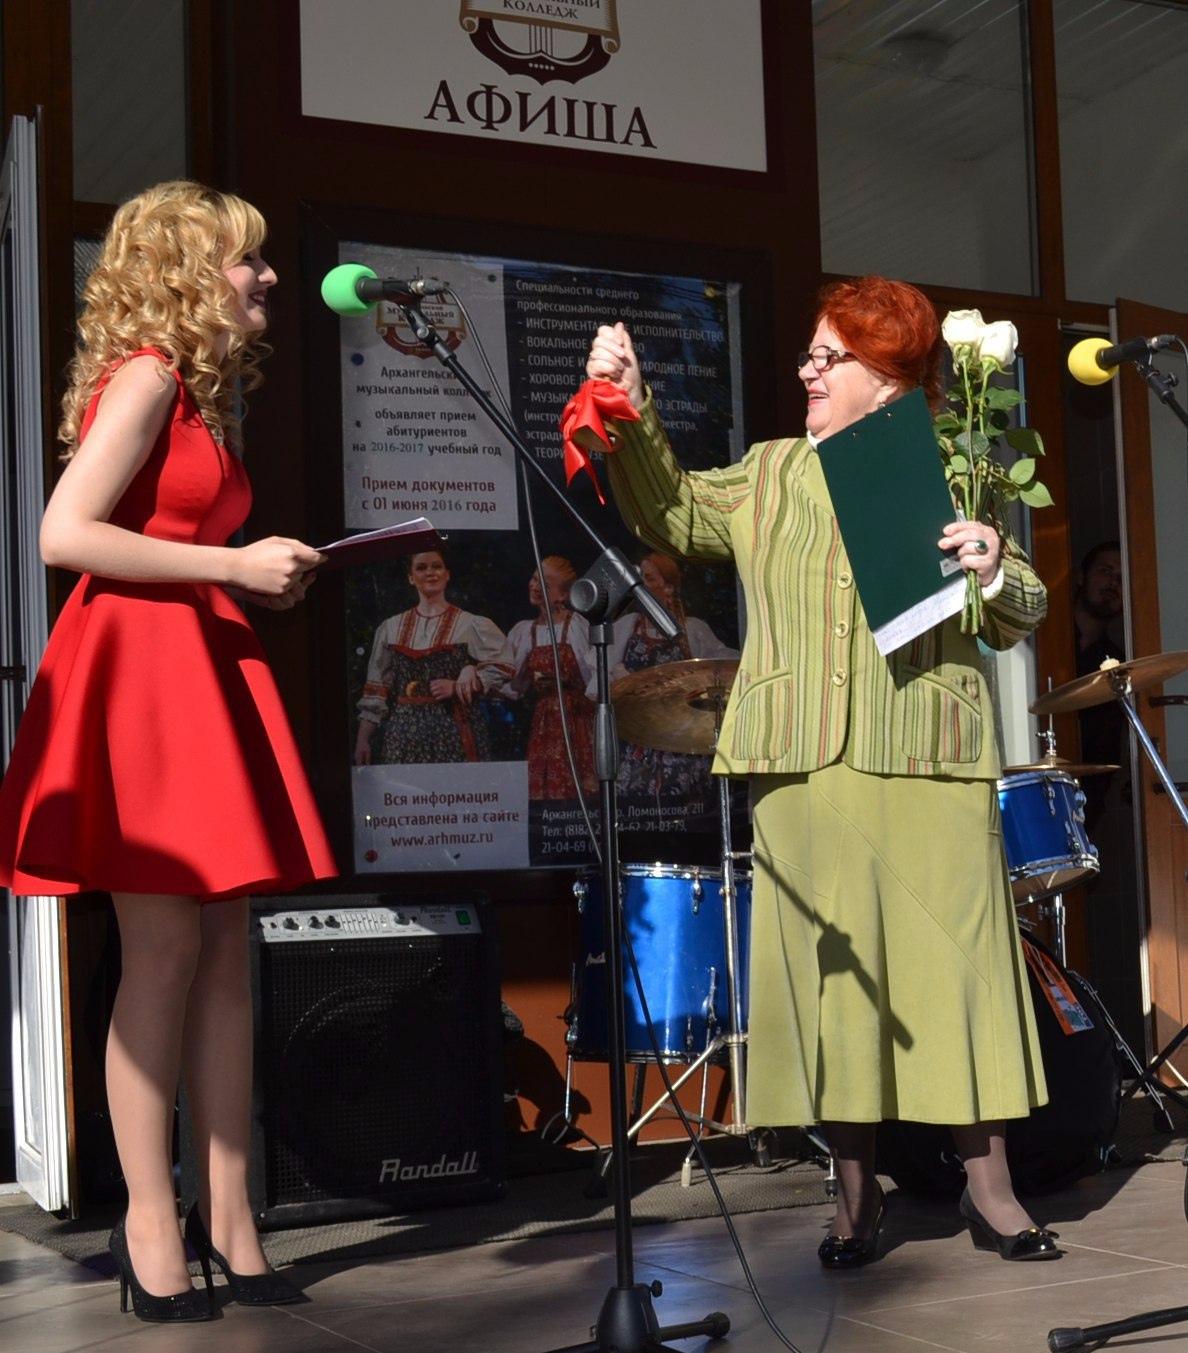 Уважаемые, первокурсники и студенты! Приглашаем вас 1 сентября в Архангельский музыкальный колледж на организационные собрания.